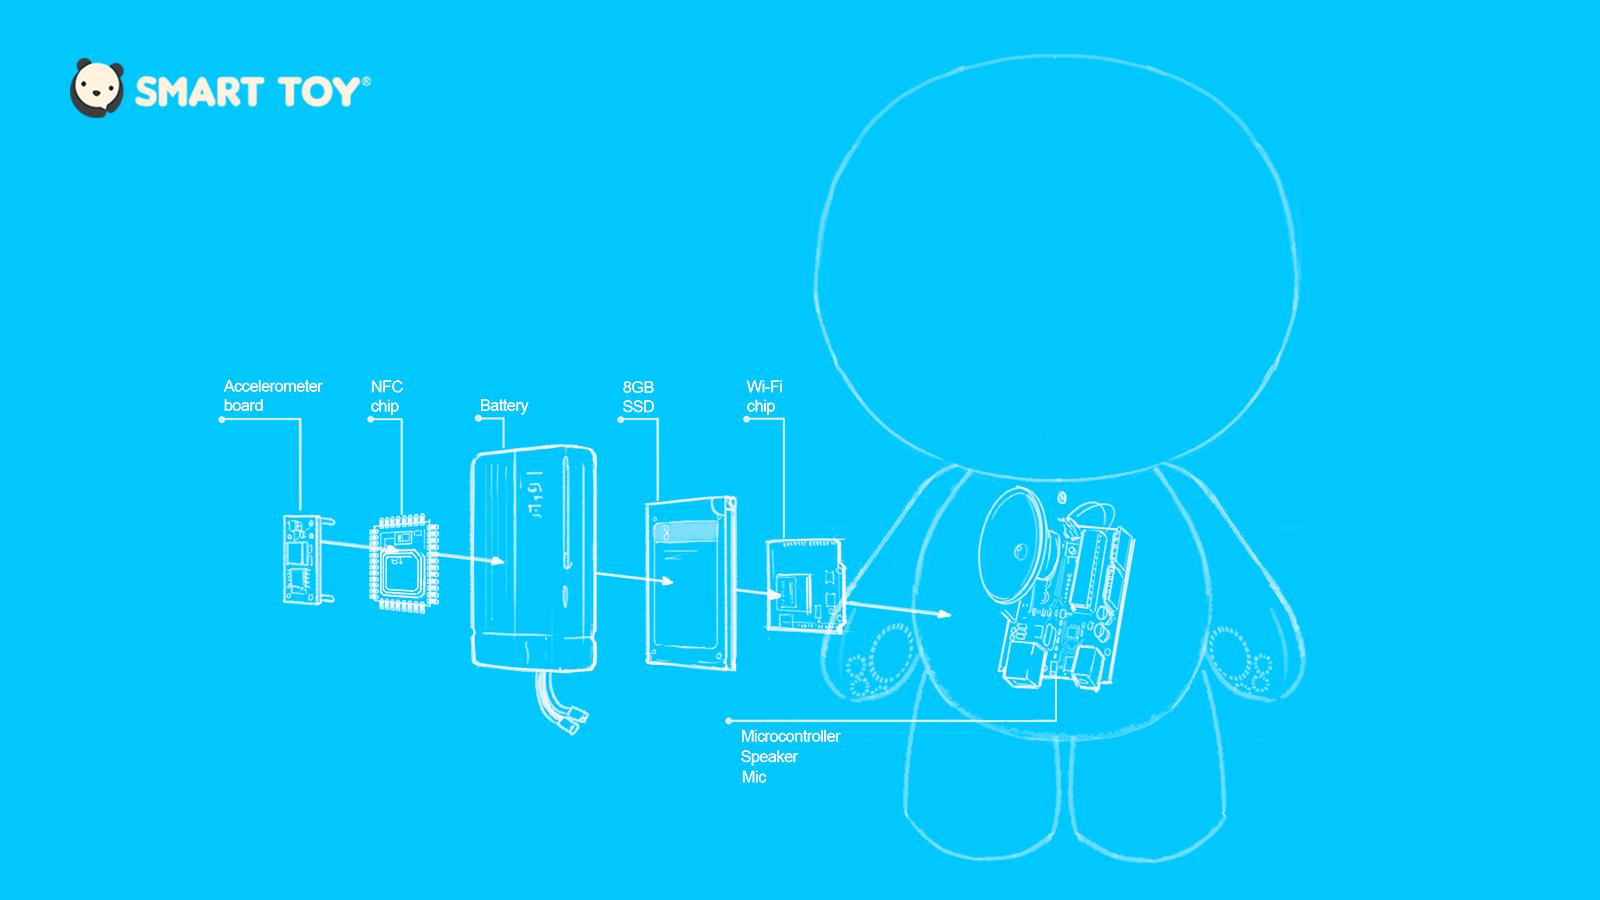 smarttoyexplodeddiagram